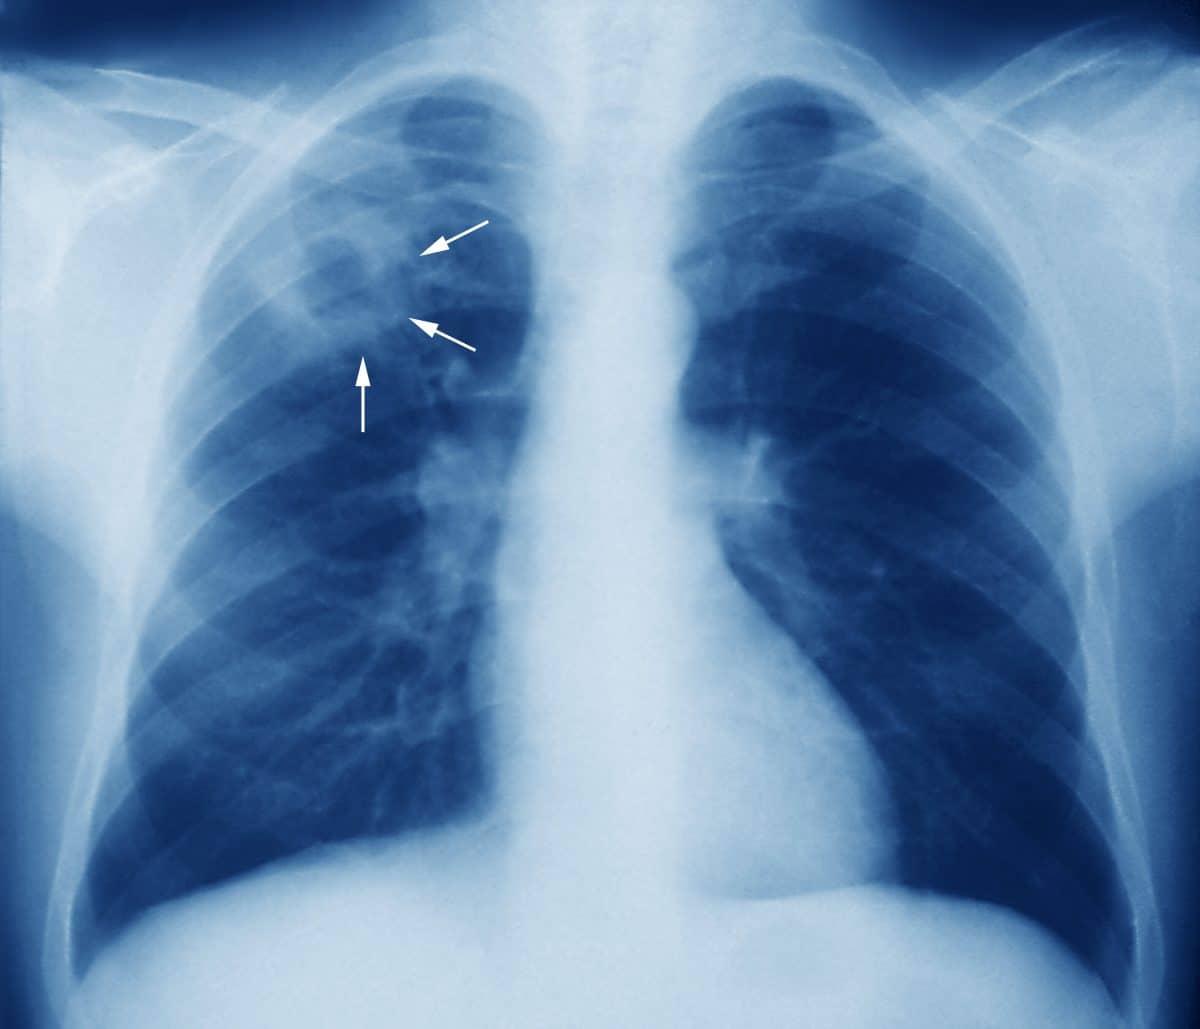 Des traitements plus courts pour lutter contre les formes les plus graves de tuberculose!